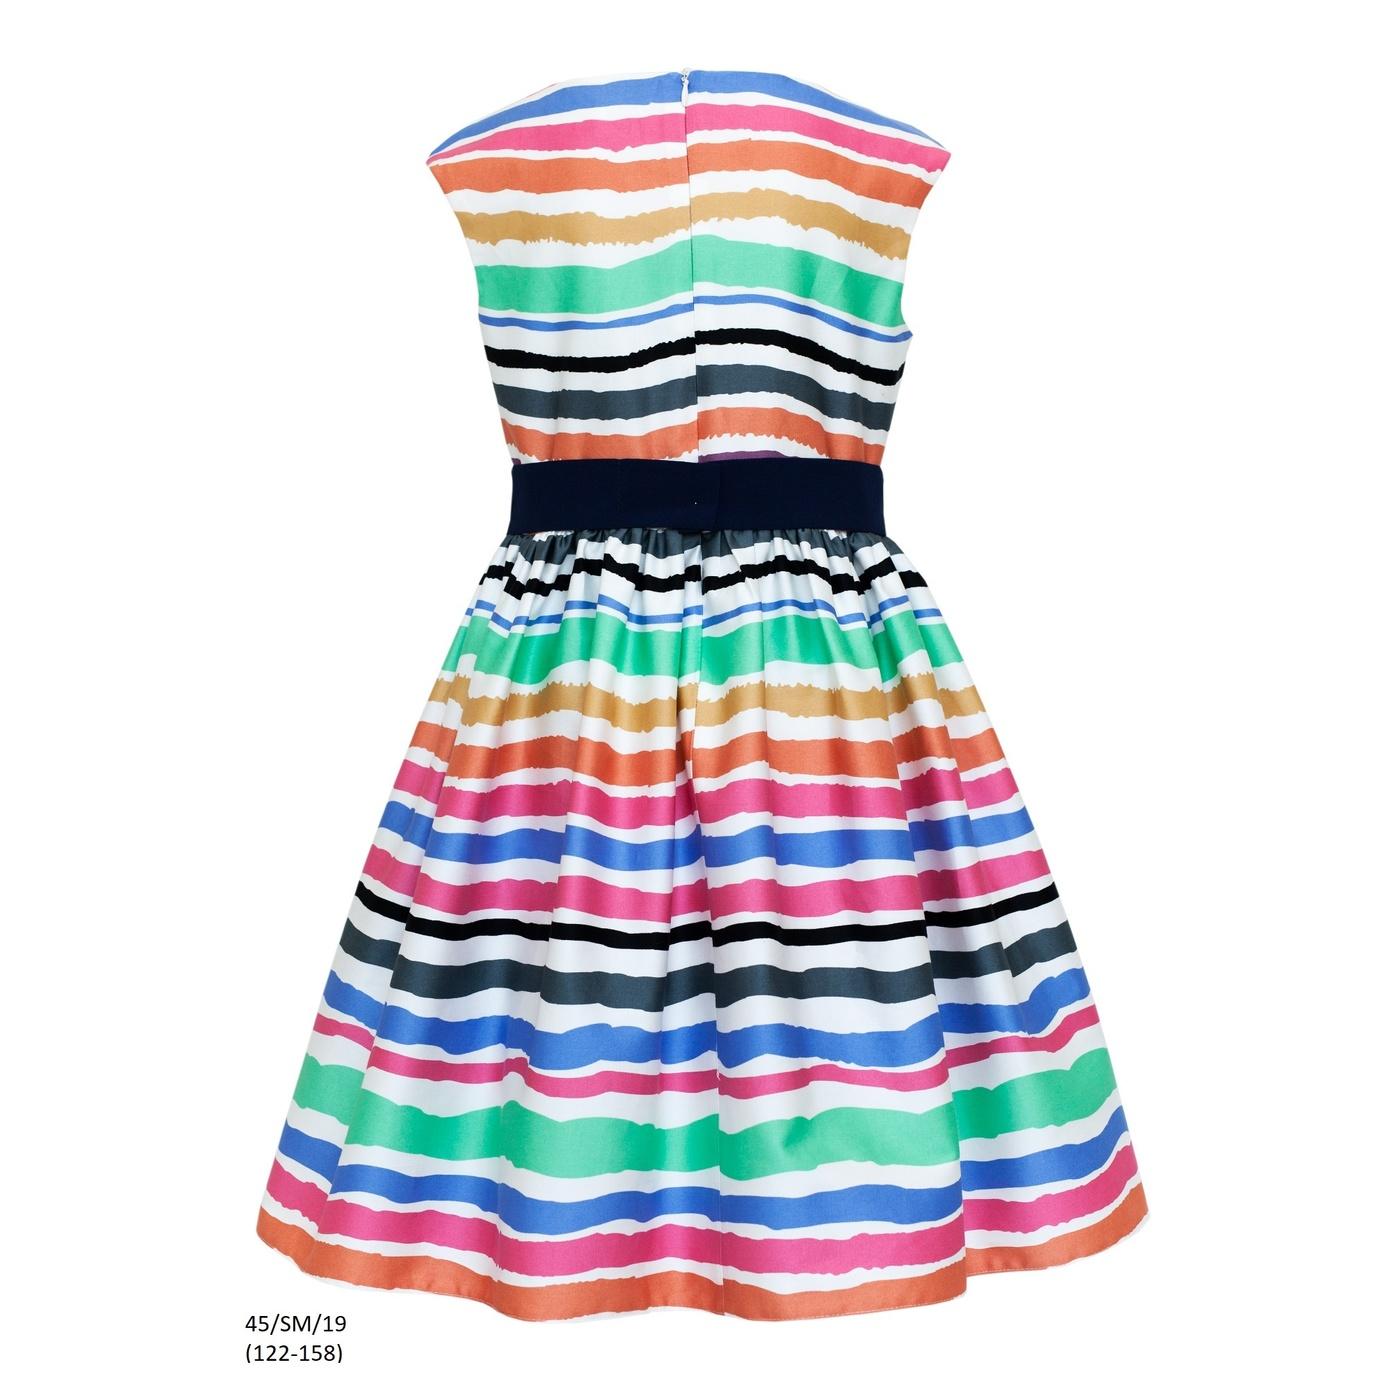 c4221ed889 ... Śliczna sukienka w kolorowe pasy 45 SM 19